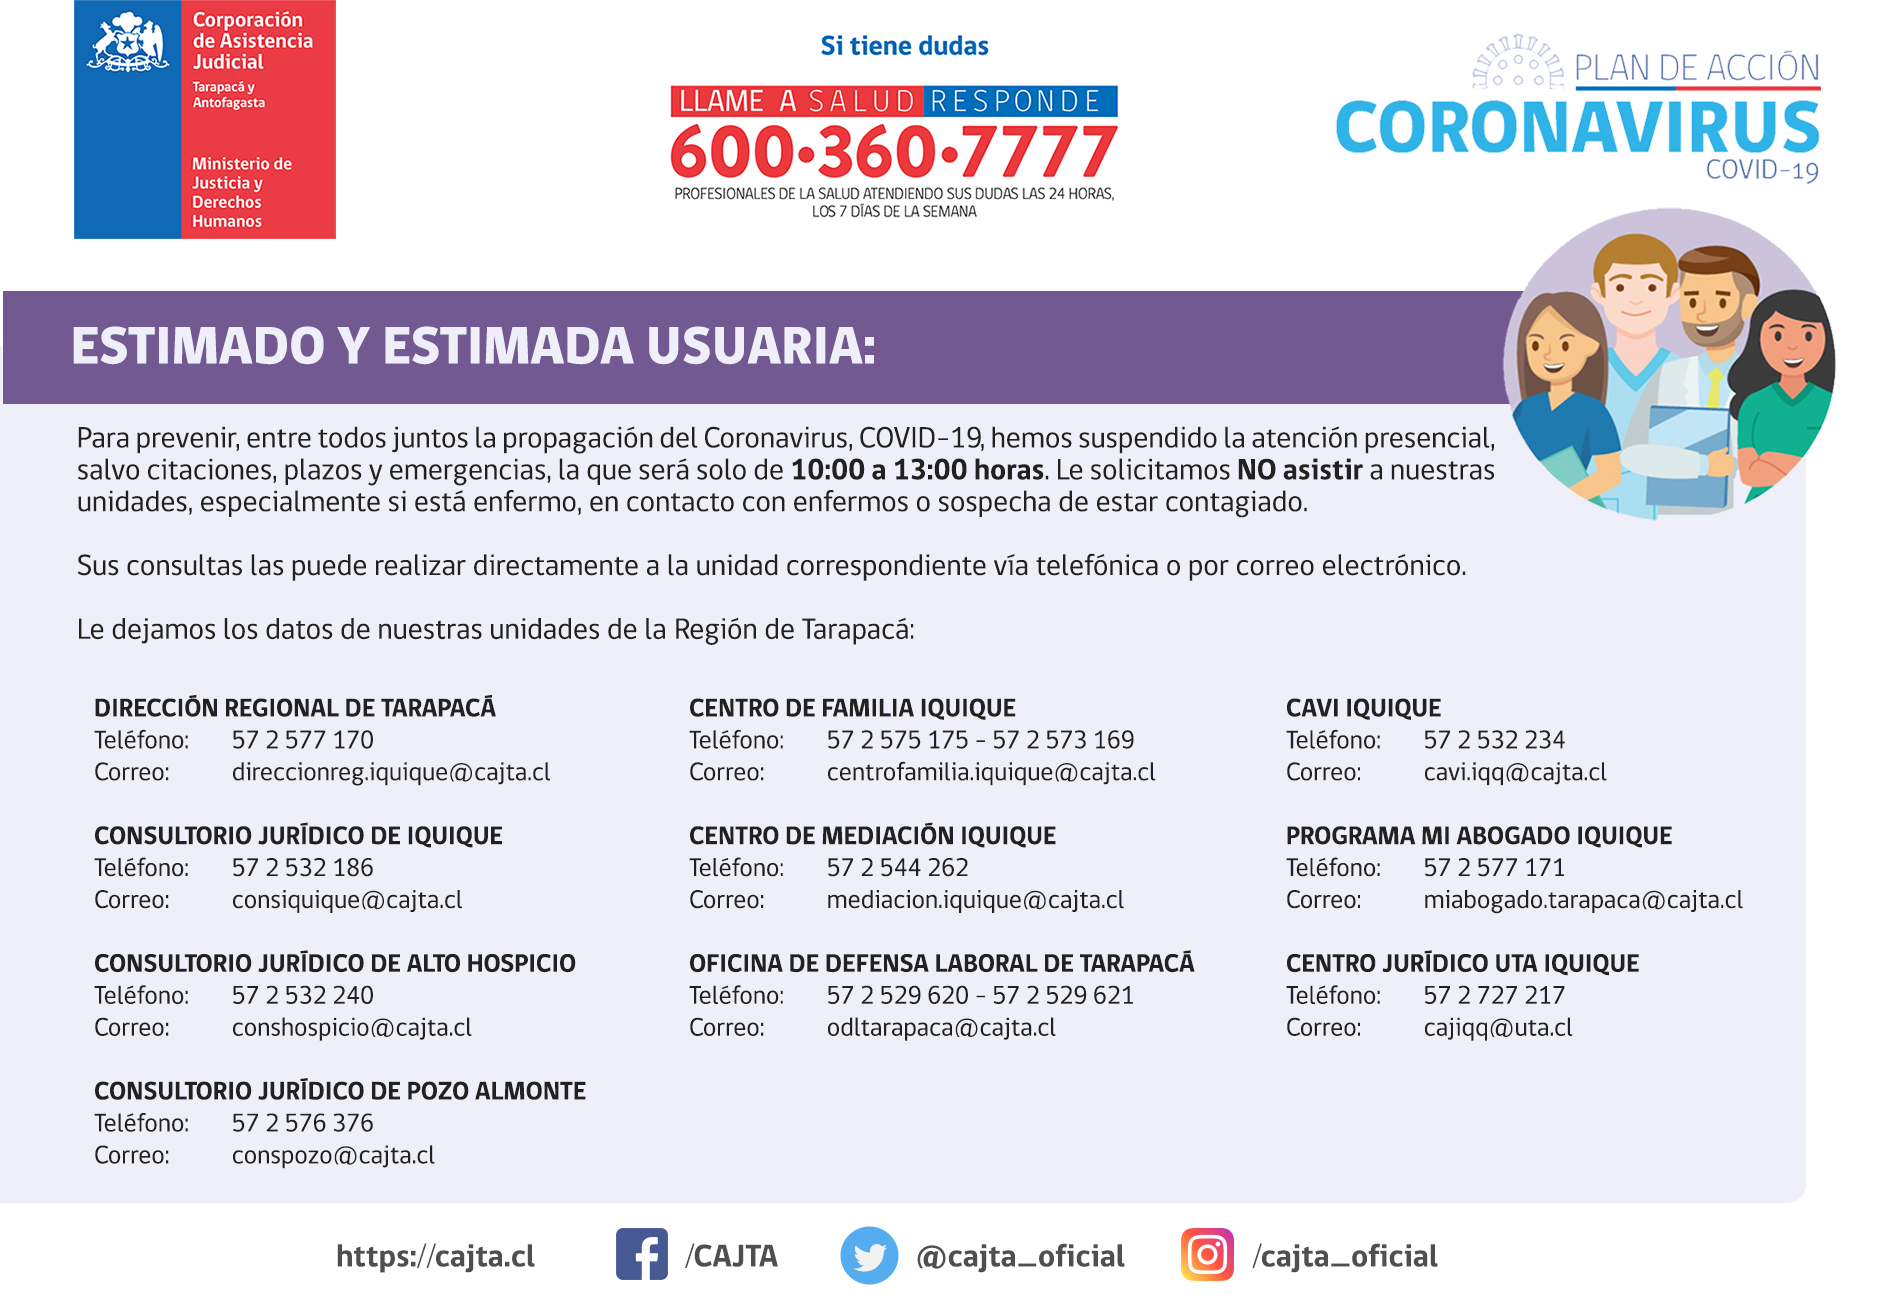 Región de Tarapacá - Informa suspesión de las atenciones presenciales